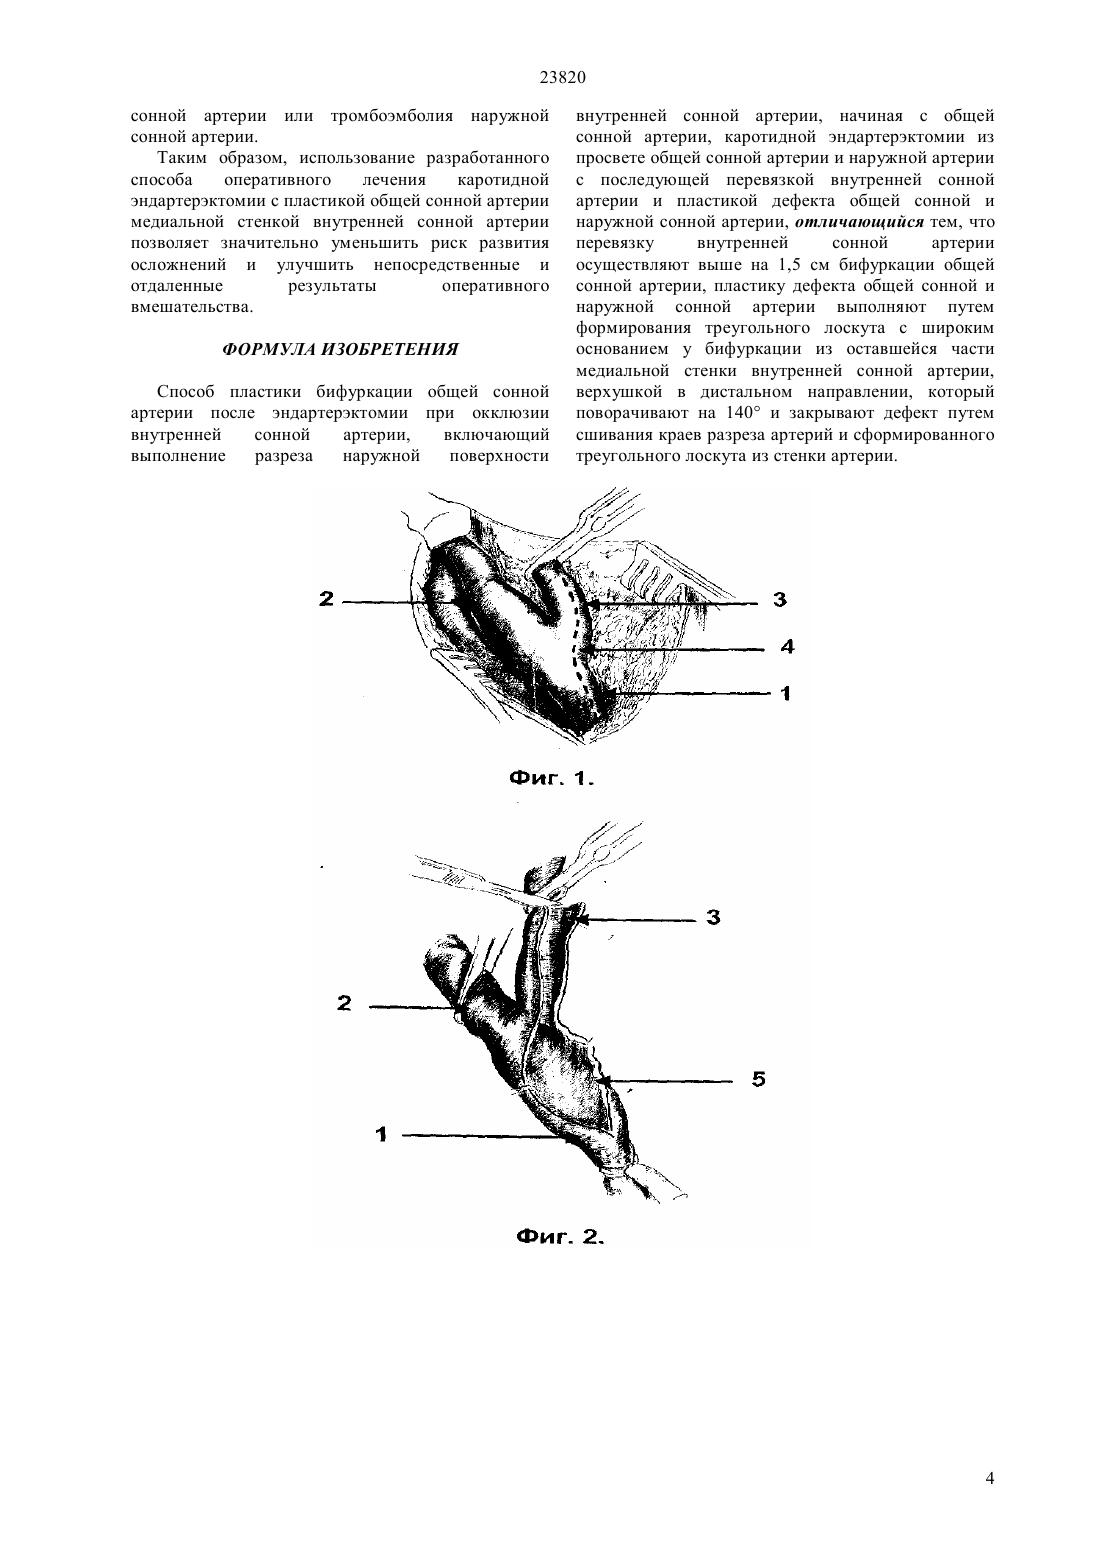 Хронические окклюзии артериальных сосудов